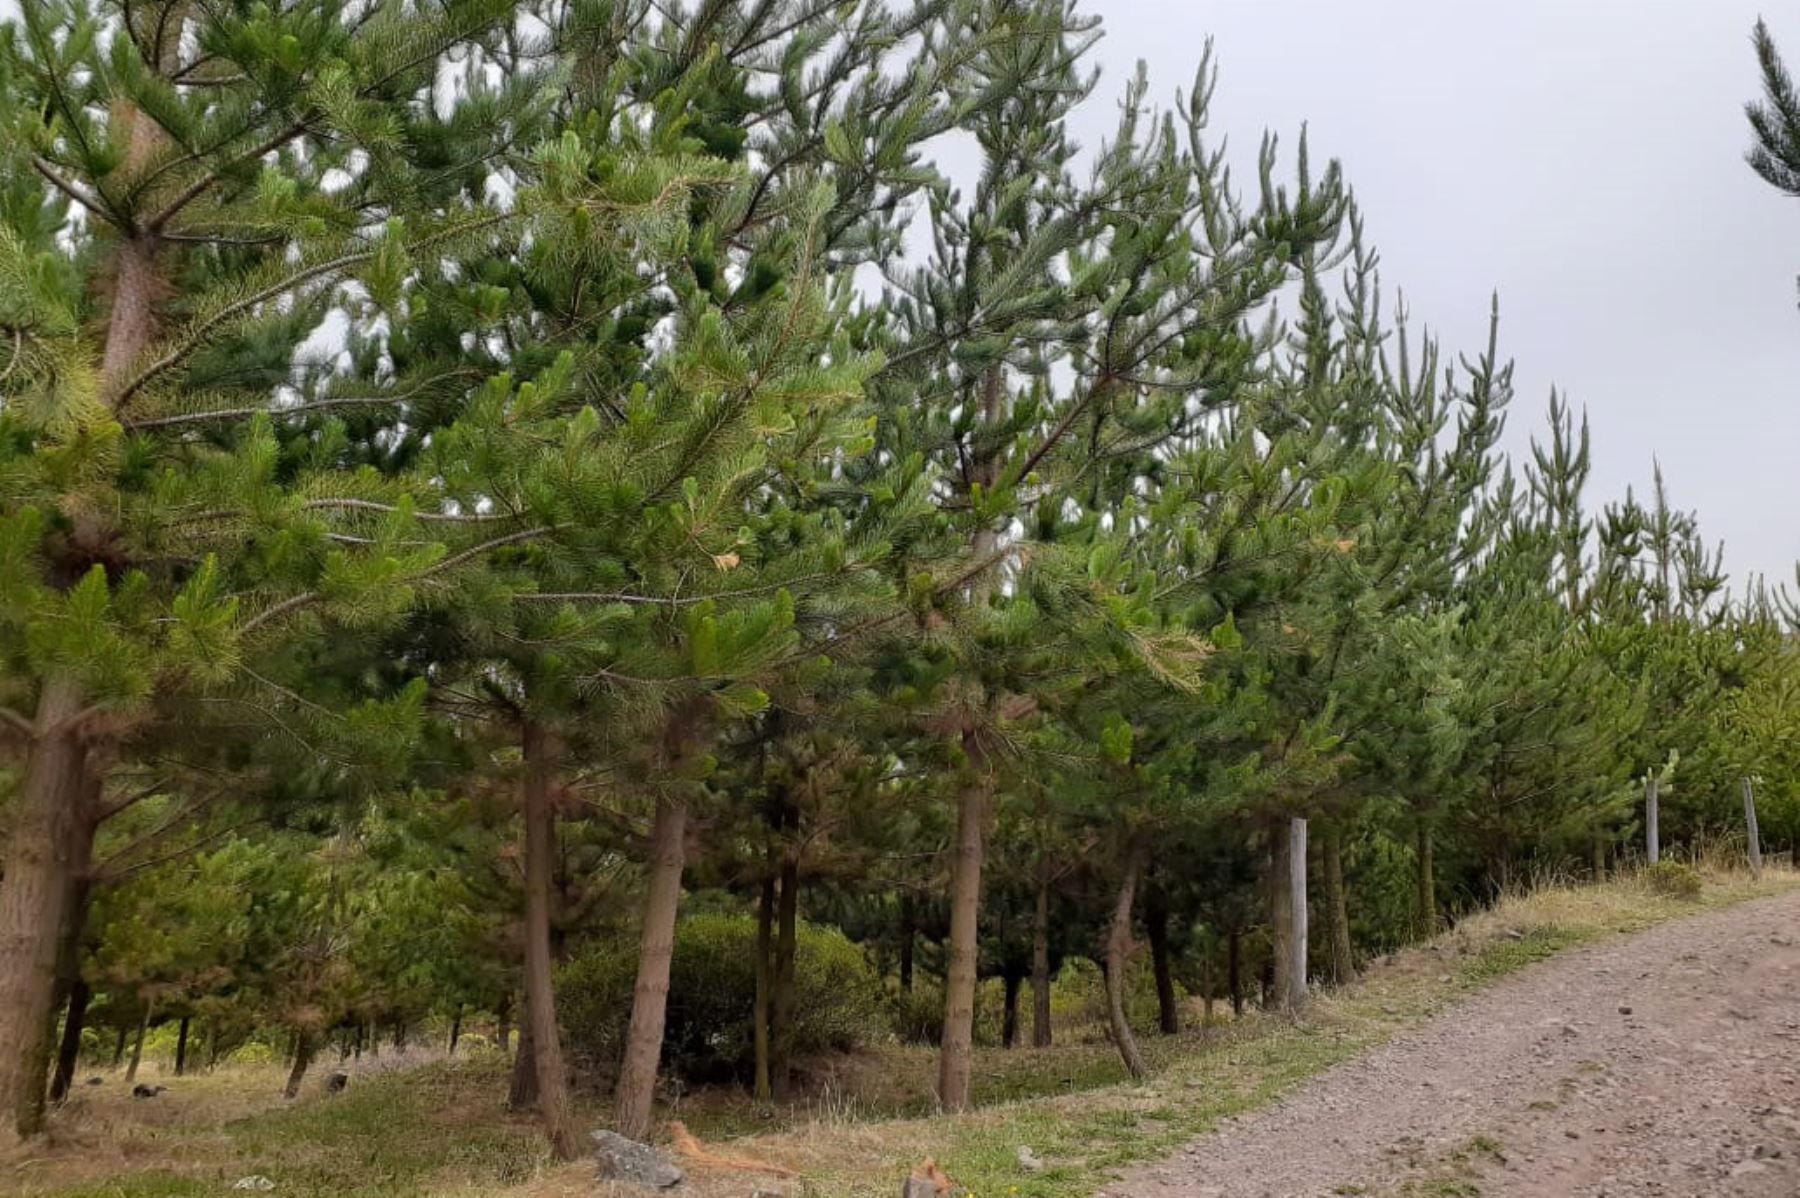 El Ministerio de Agricultura y Riego (Minagri) informó que la instalación de plantones de pino radiata y queñua, ejecutados durante los últimos años por Agro Rural, beneficiará a cerca de 2,500 familias agricultoras que residen en la provincia de Canta.